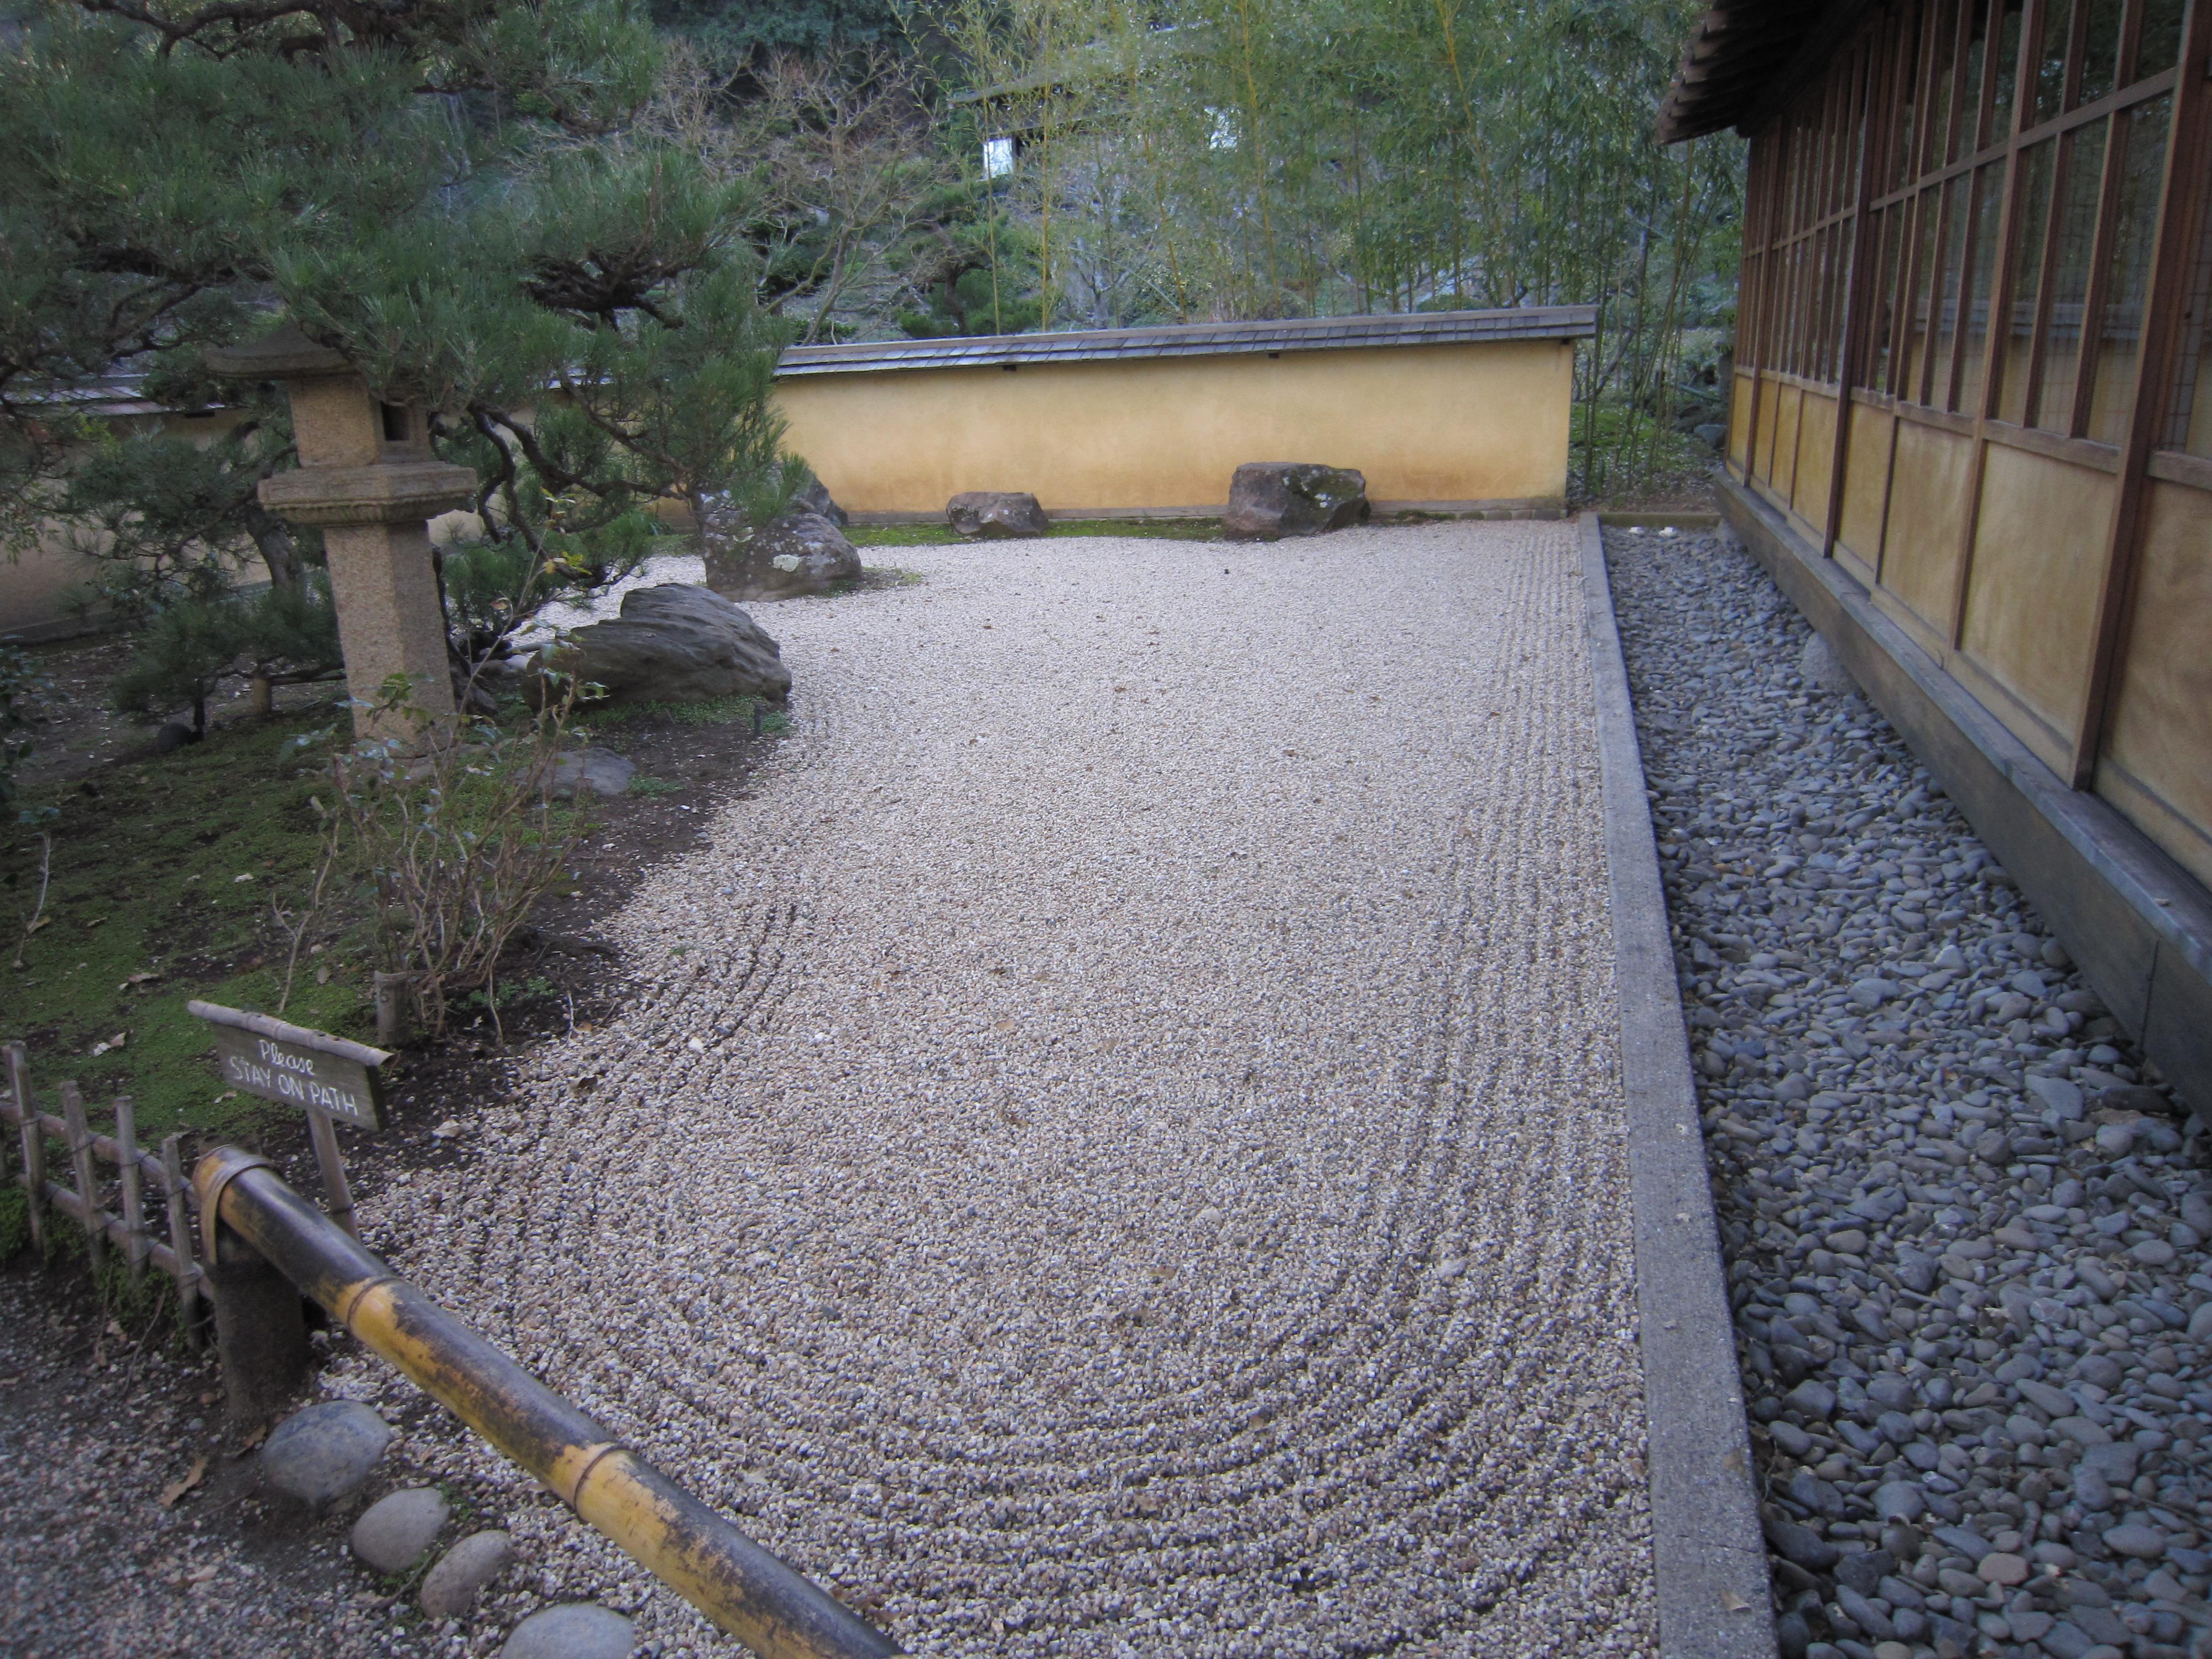 Hakone gardens lazar landscape for Garden pond gravel